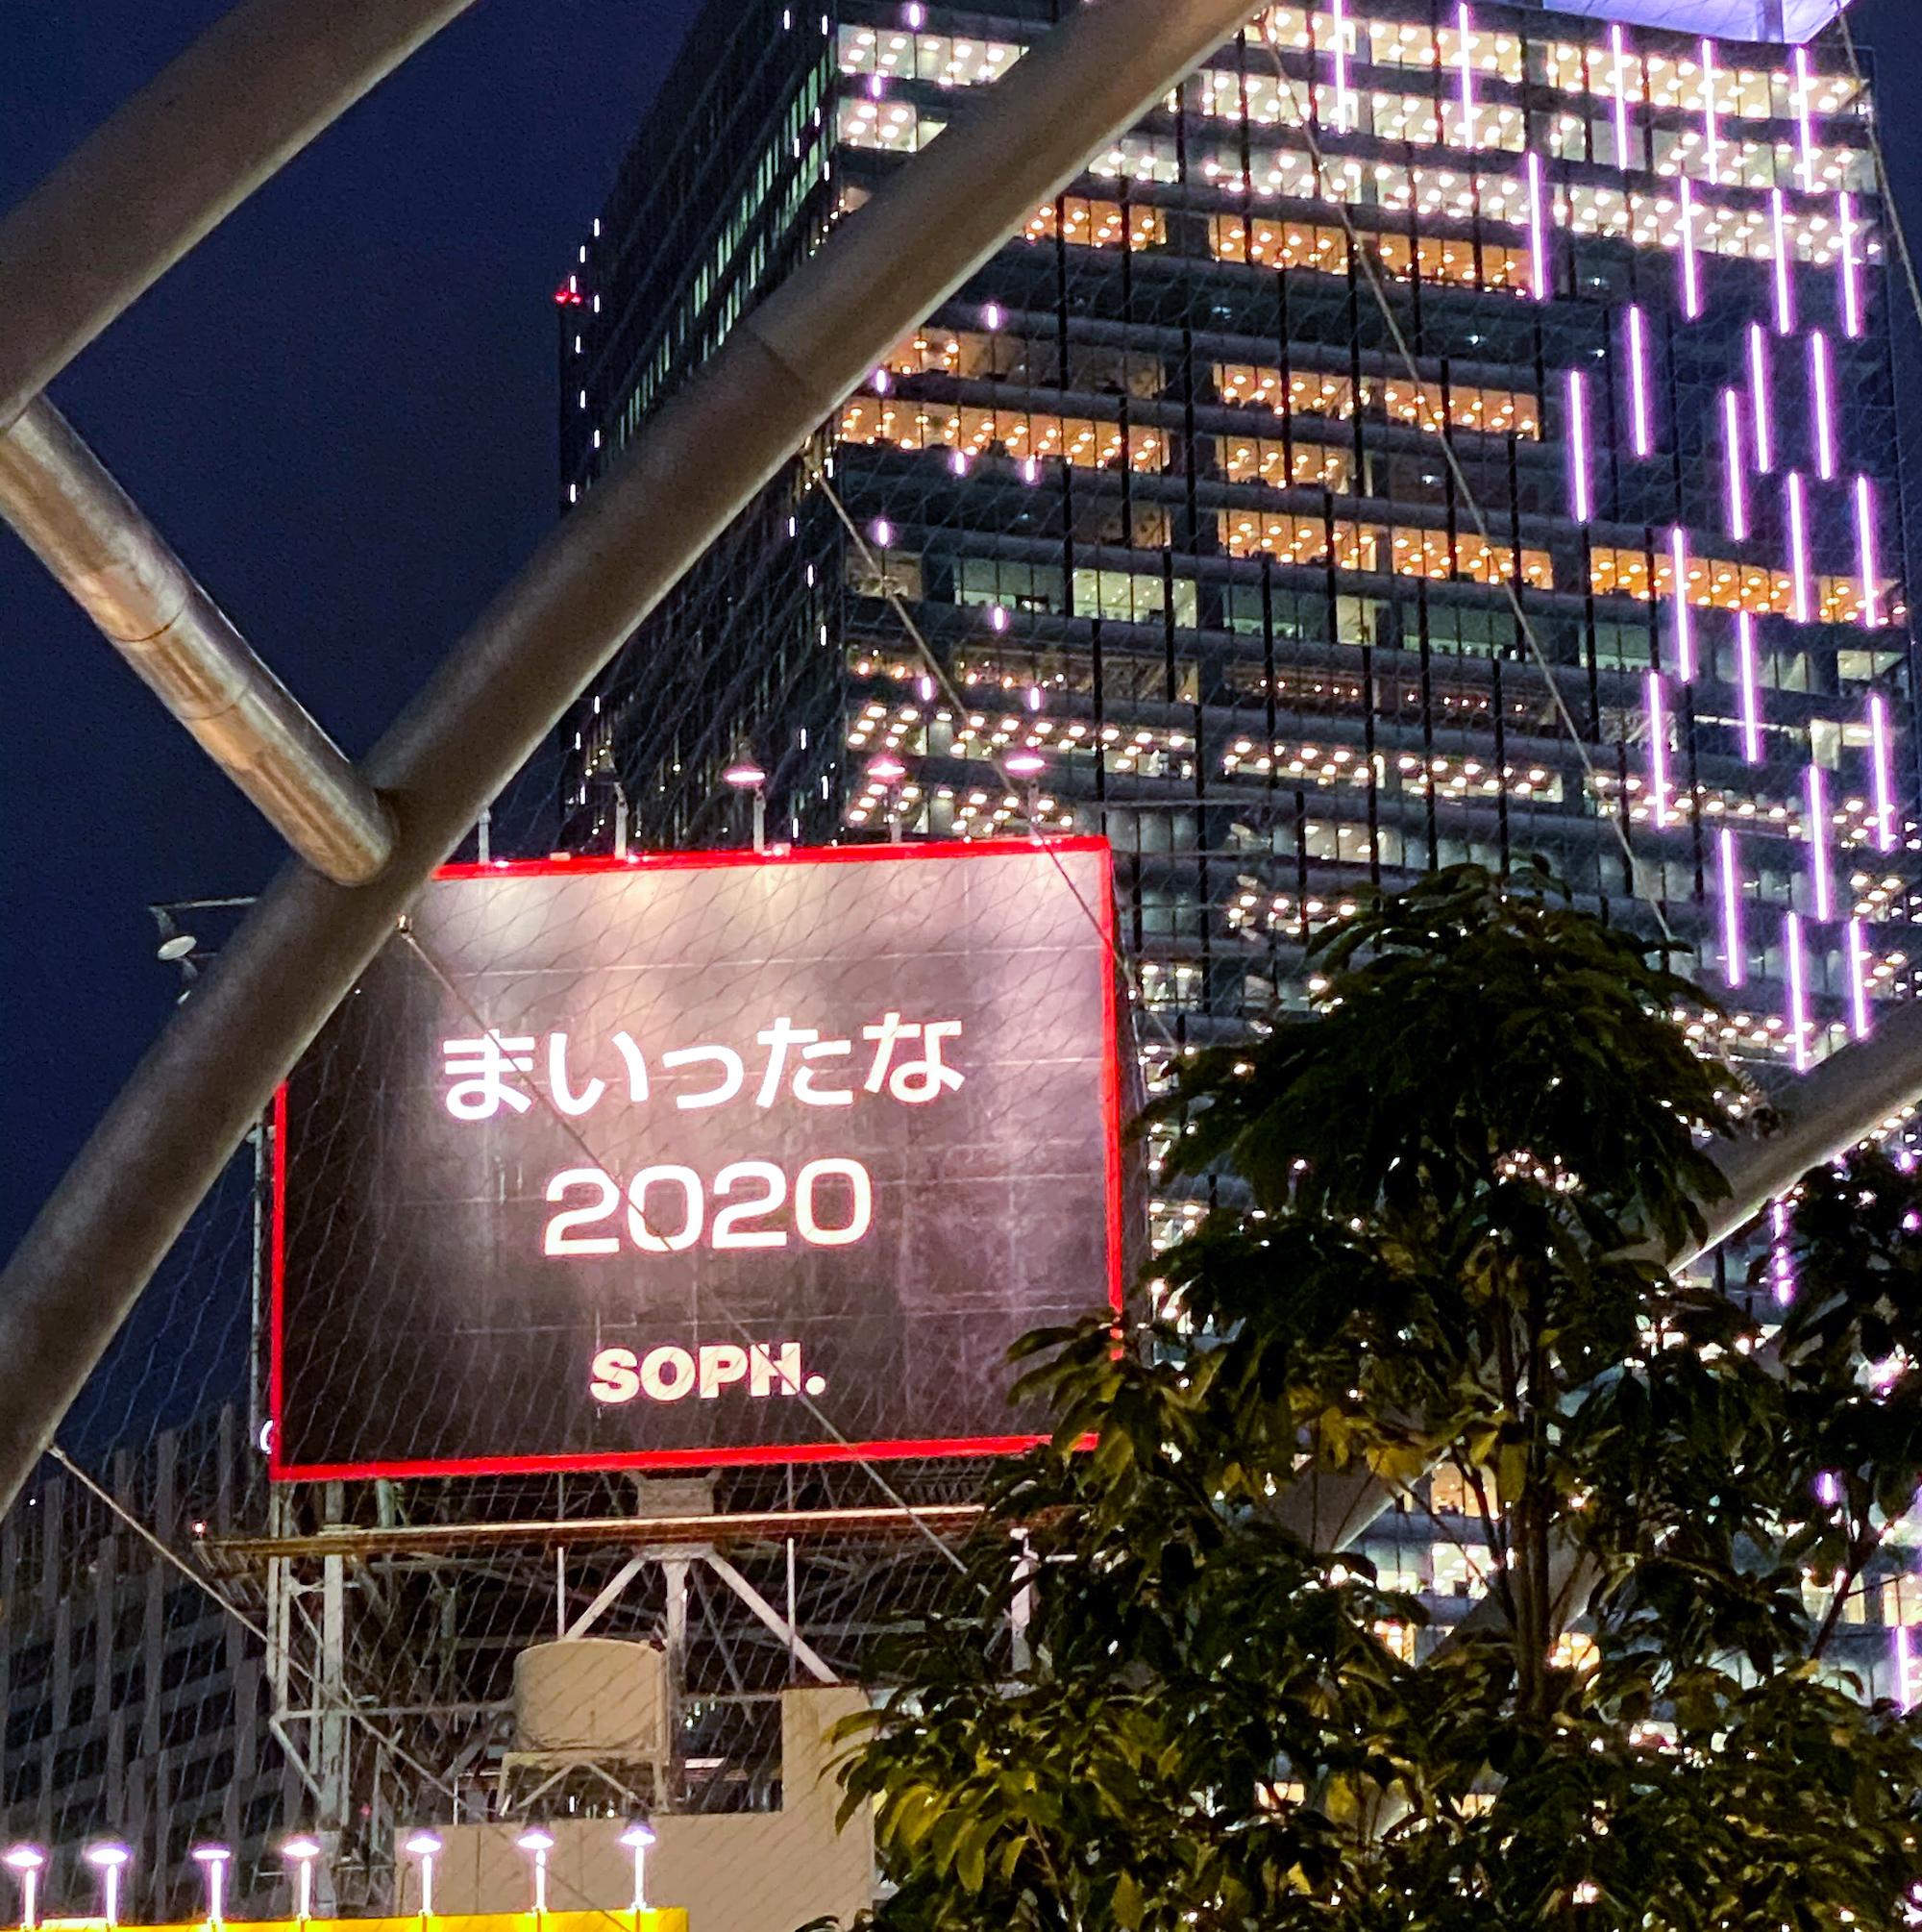 まいったな2020 の看板/2020年7月30日/撮影:SHUN